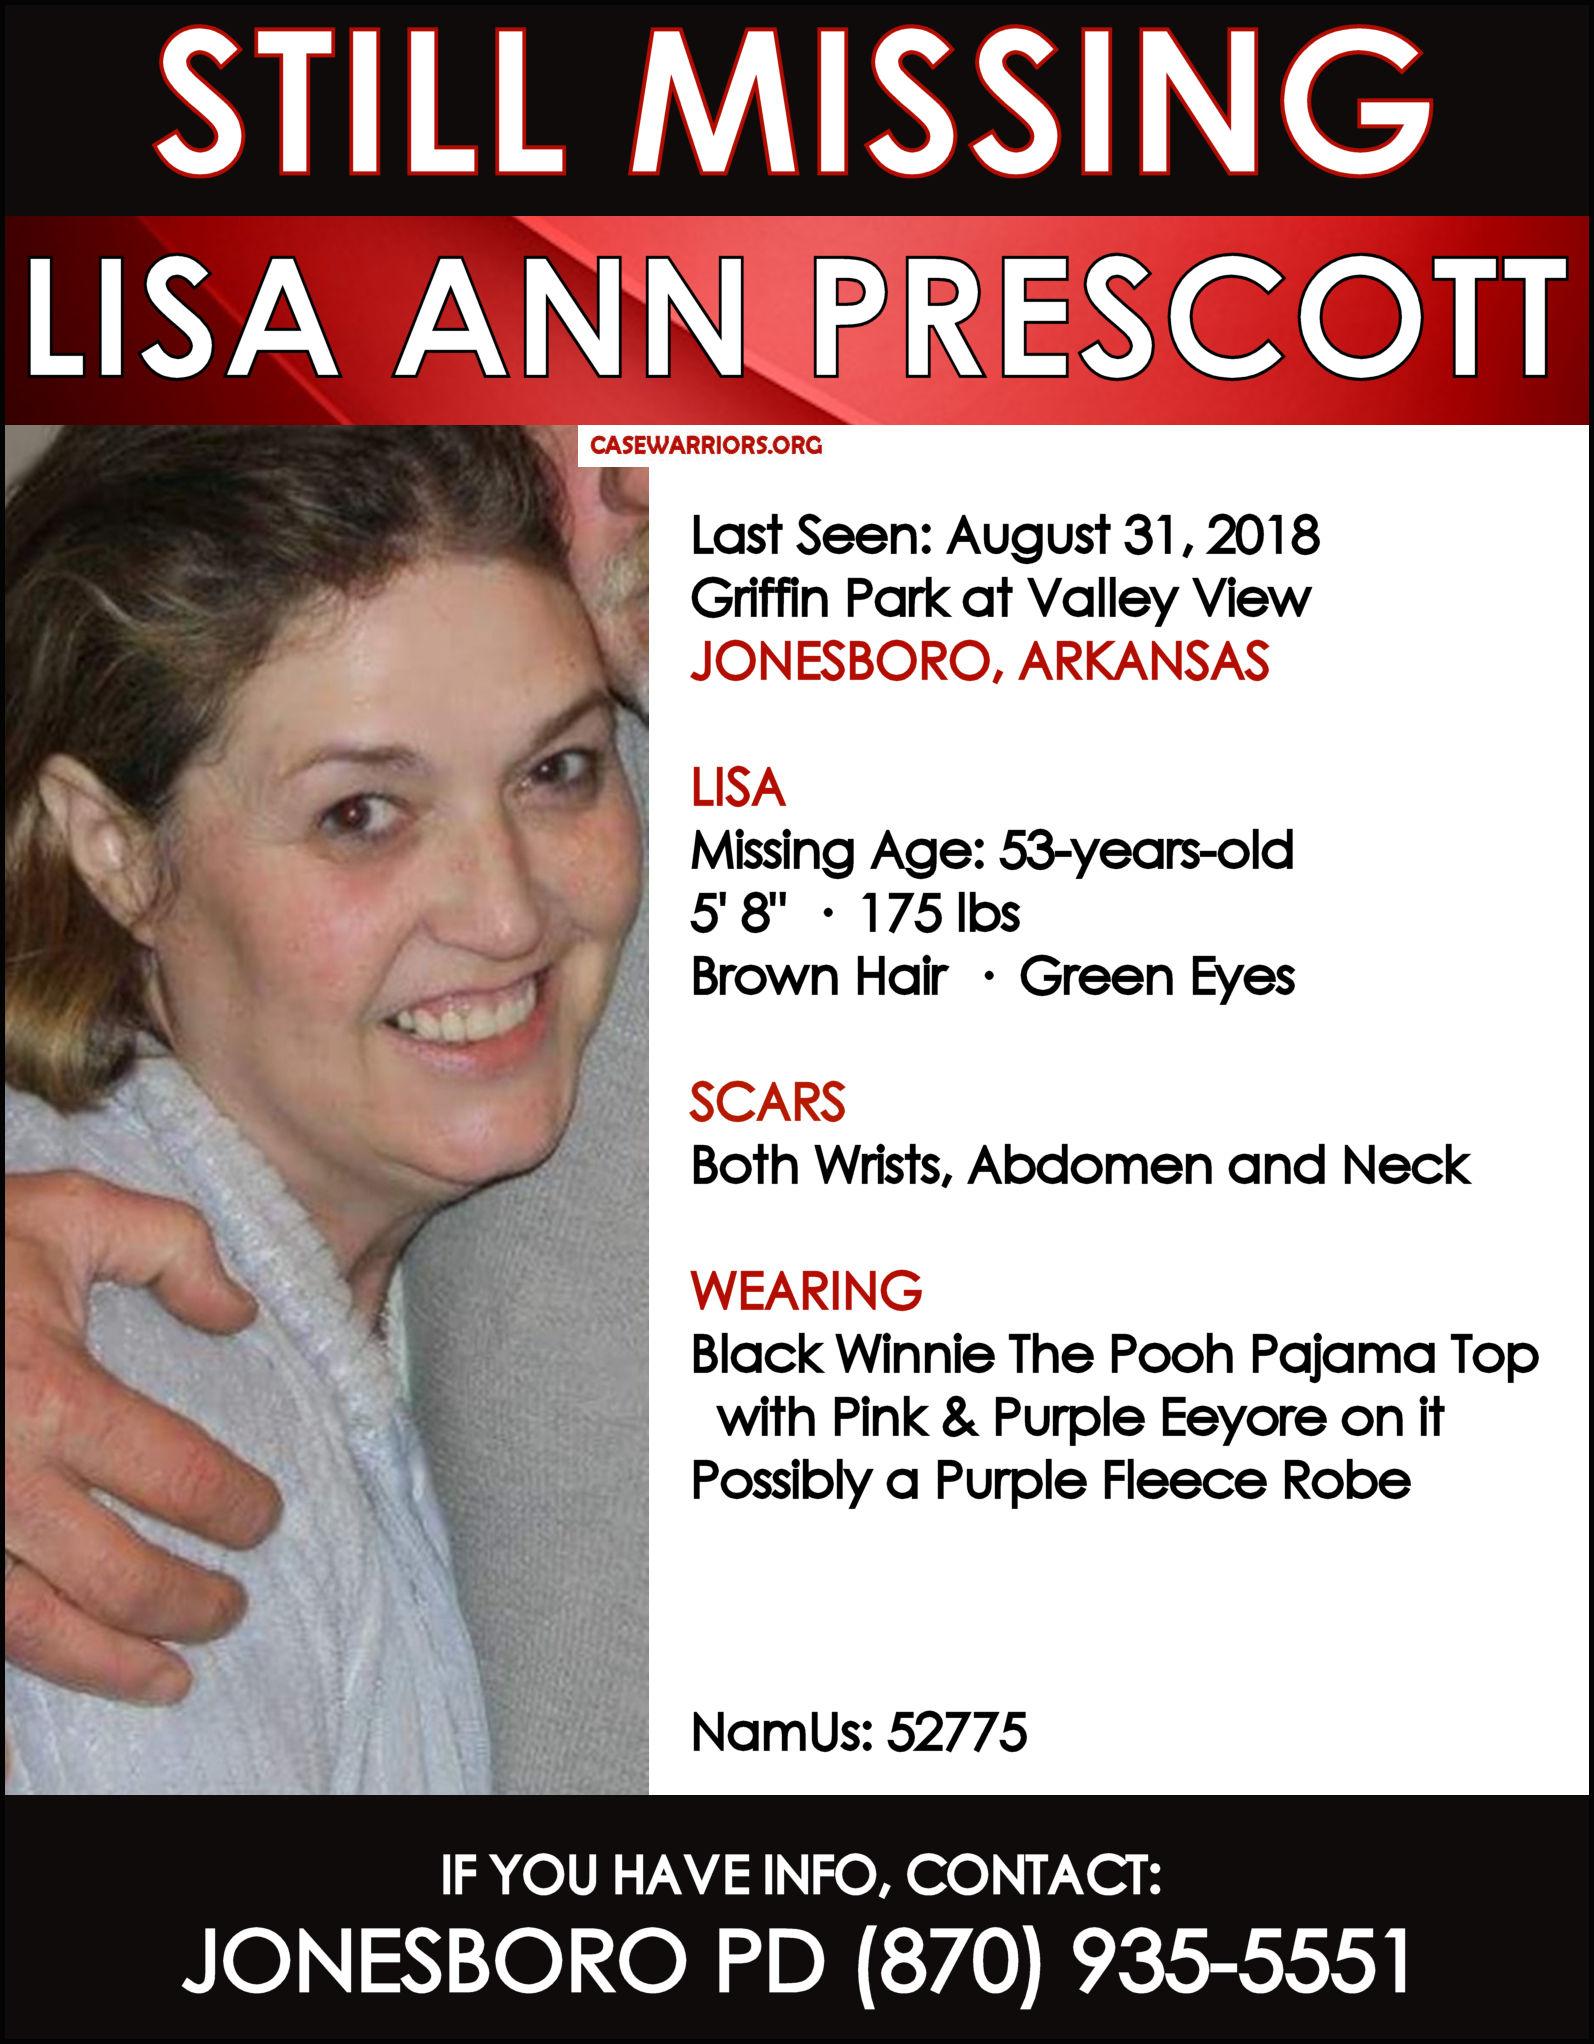 LISA PRESCOTT